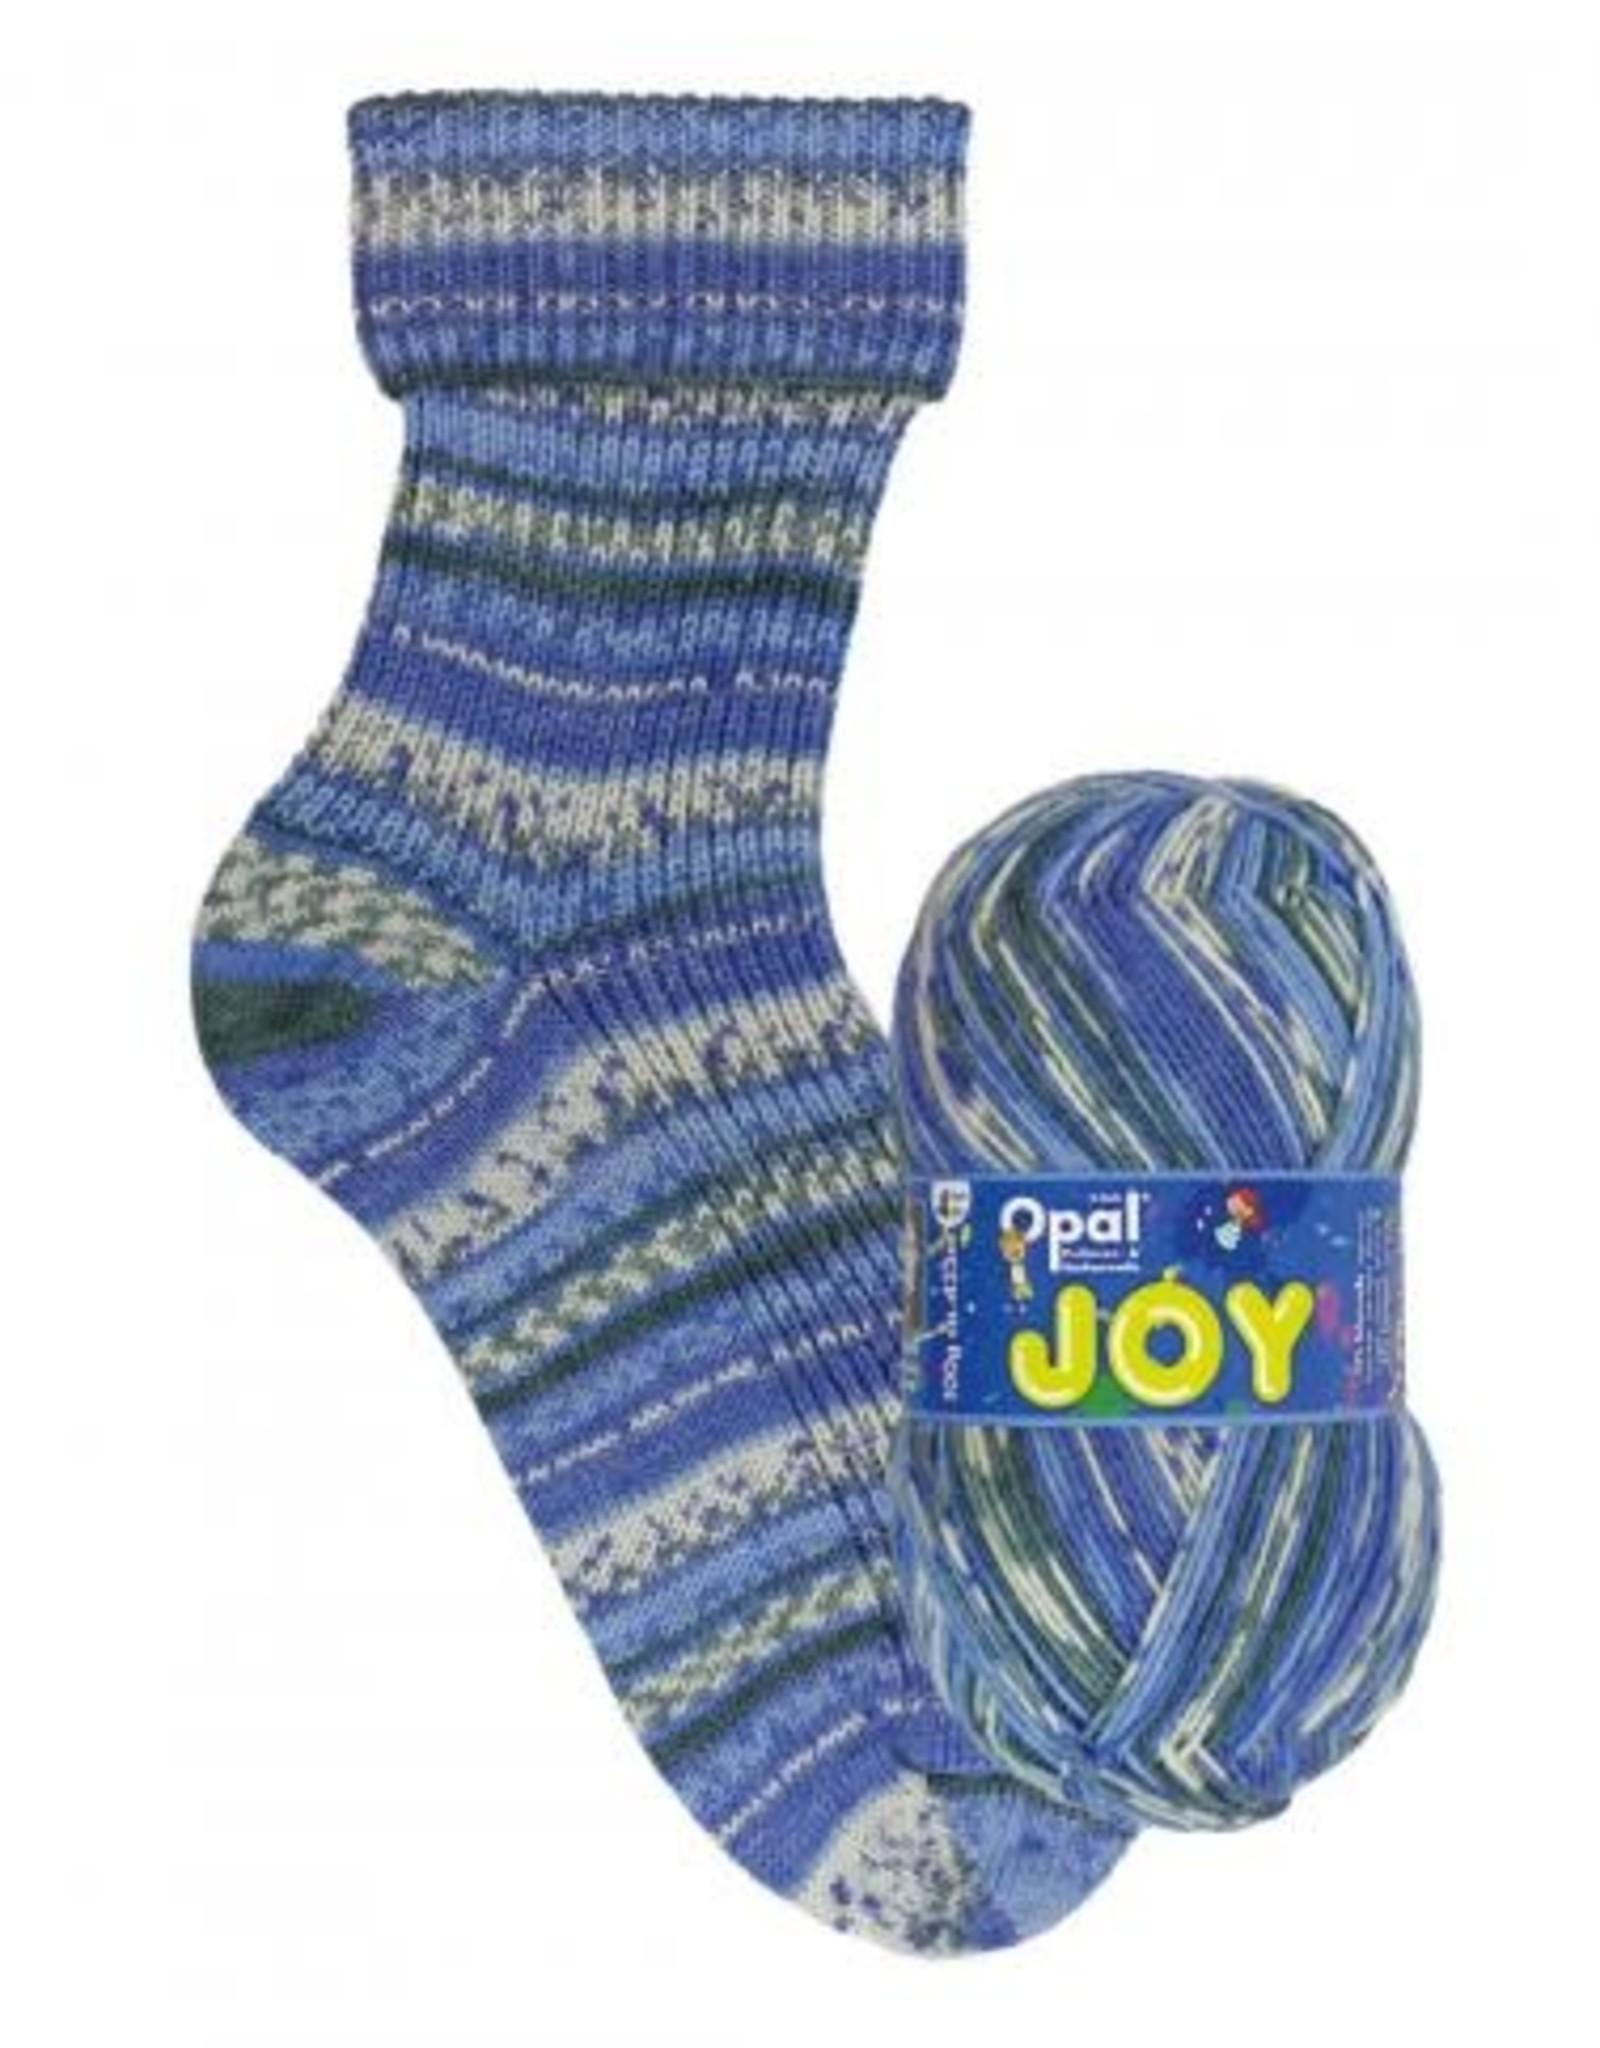 Opal - Joy 9987